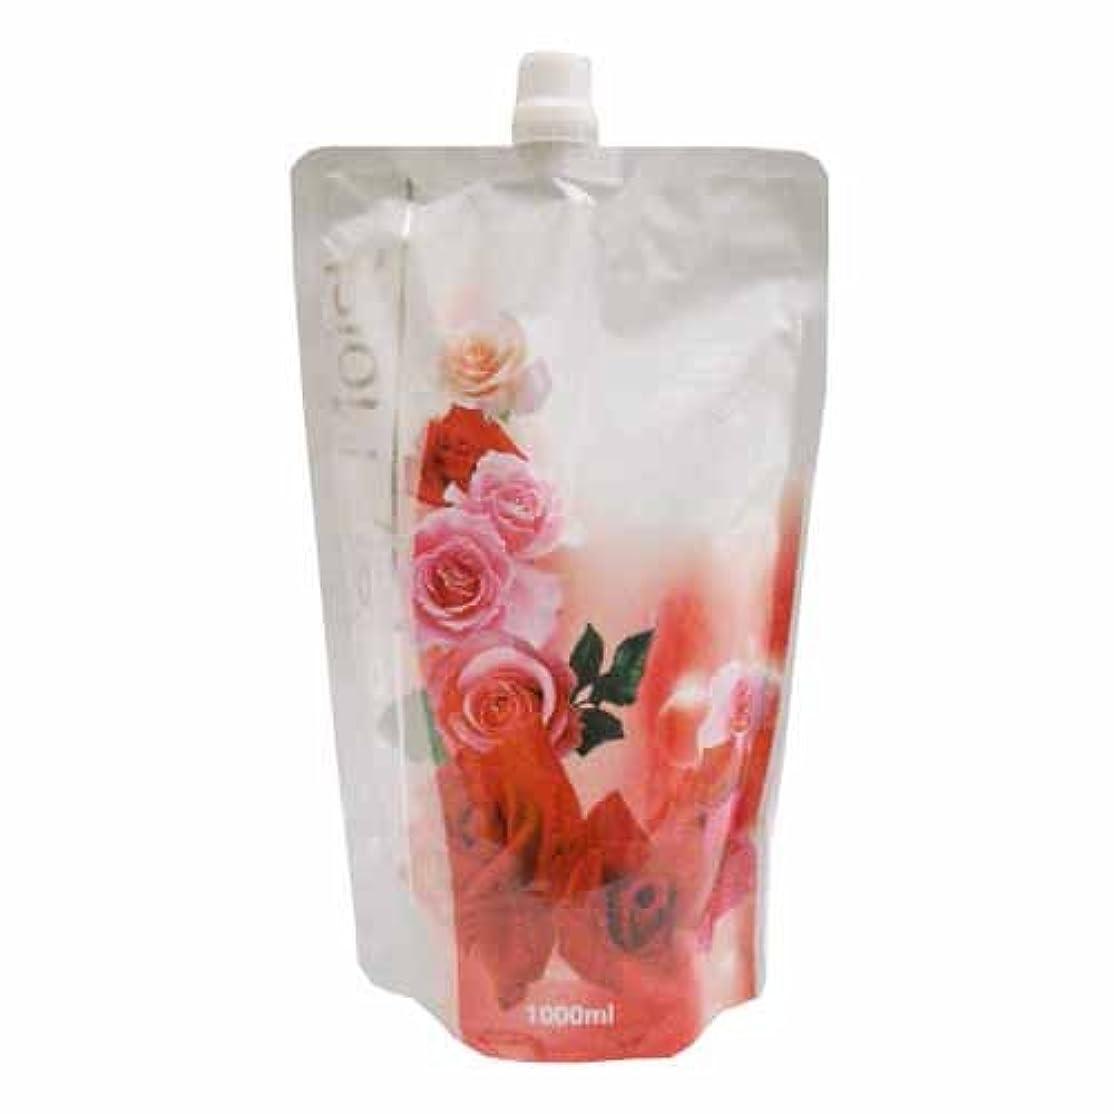 ブランデー苦行香水コーナンオリジナル Purely Moist ボディソープ ブルガリアンローズの香り つめかえ用 1000ml